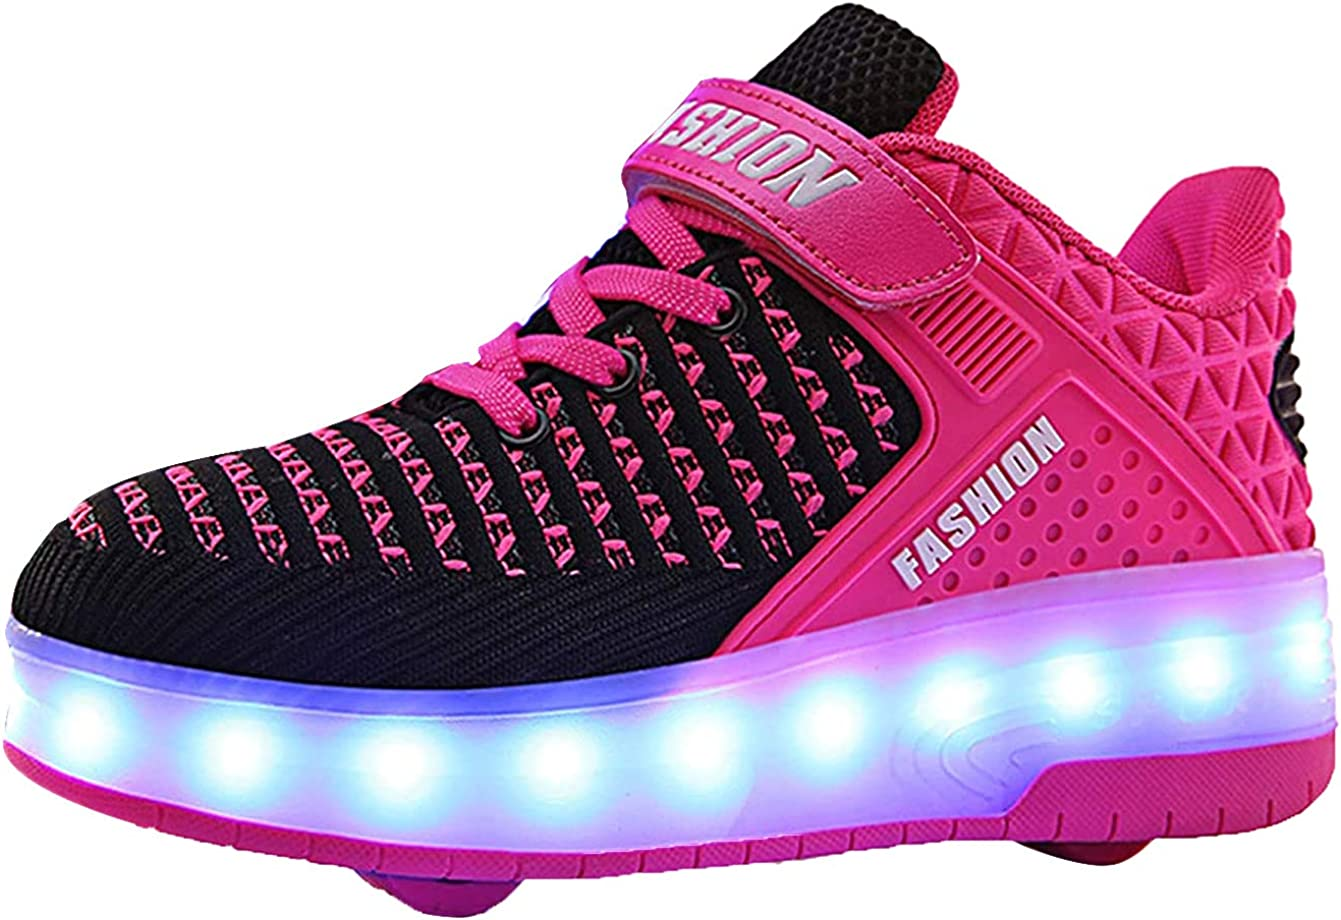 Ali-tone LED Chaussures /à roulettes Fille gar/çon Retractable Basket a Roulette Two Wheel Detachable Creative Gifts